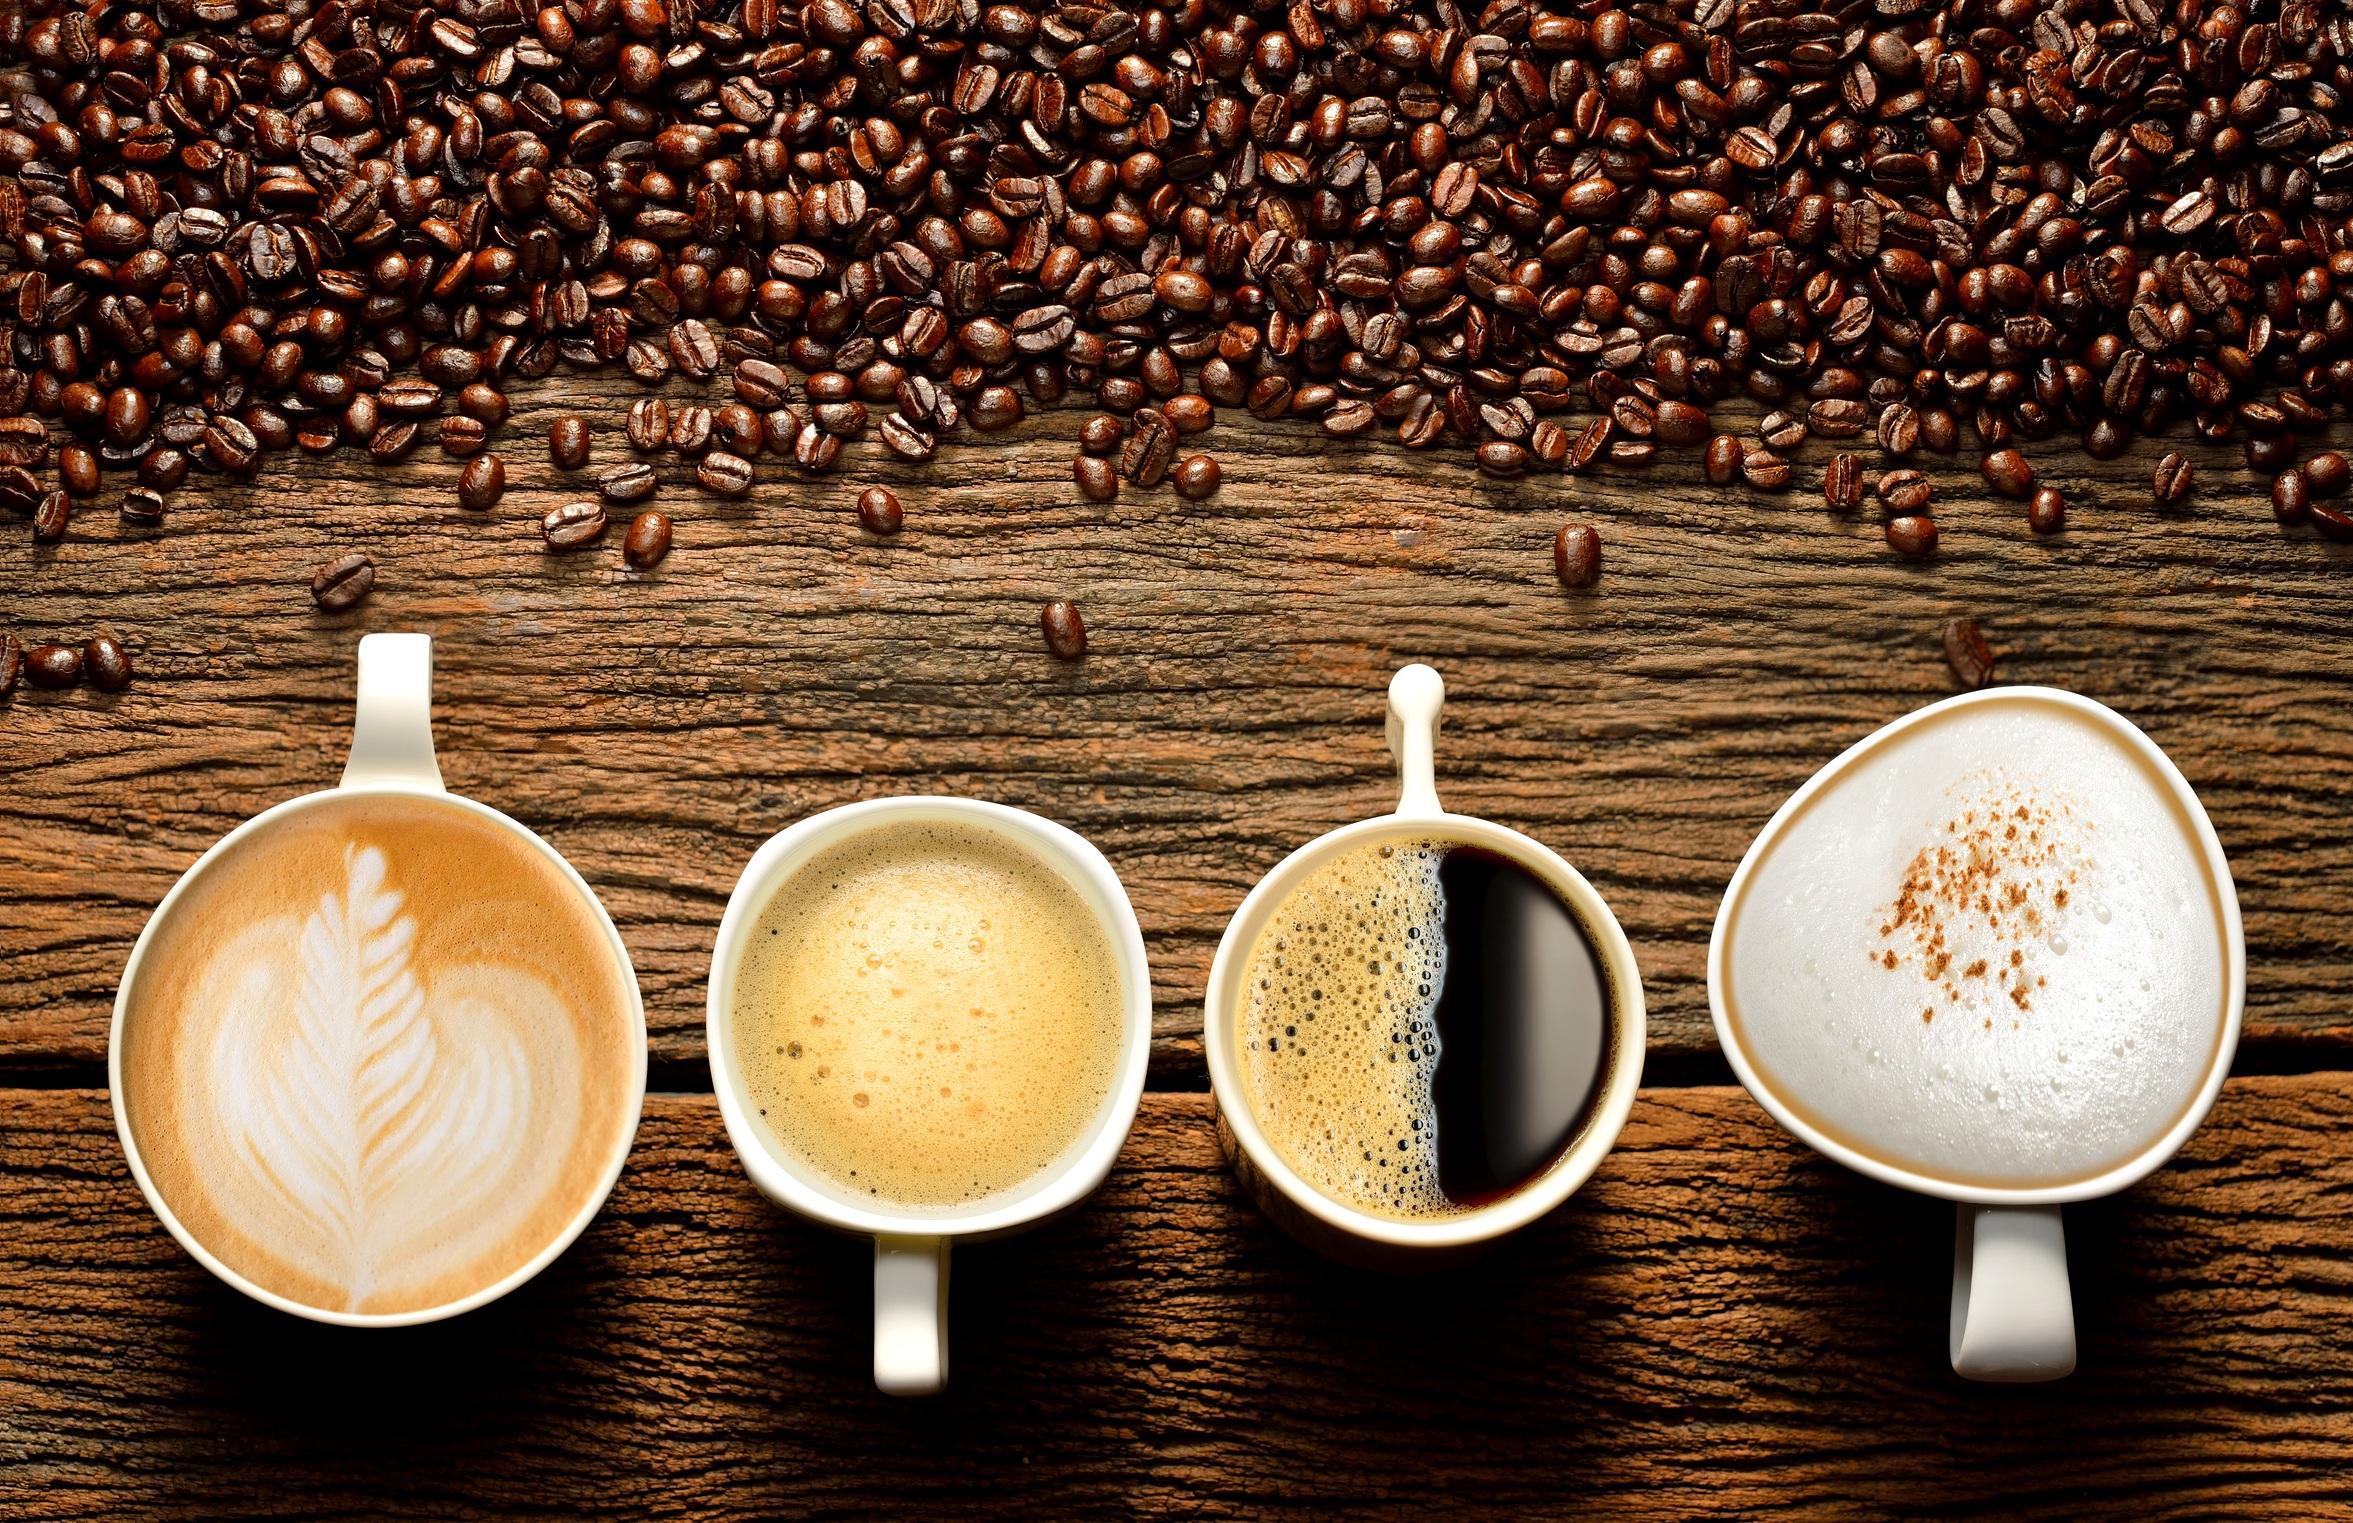 кофейные чашки - Виды кофе - разнообразие напитков...